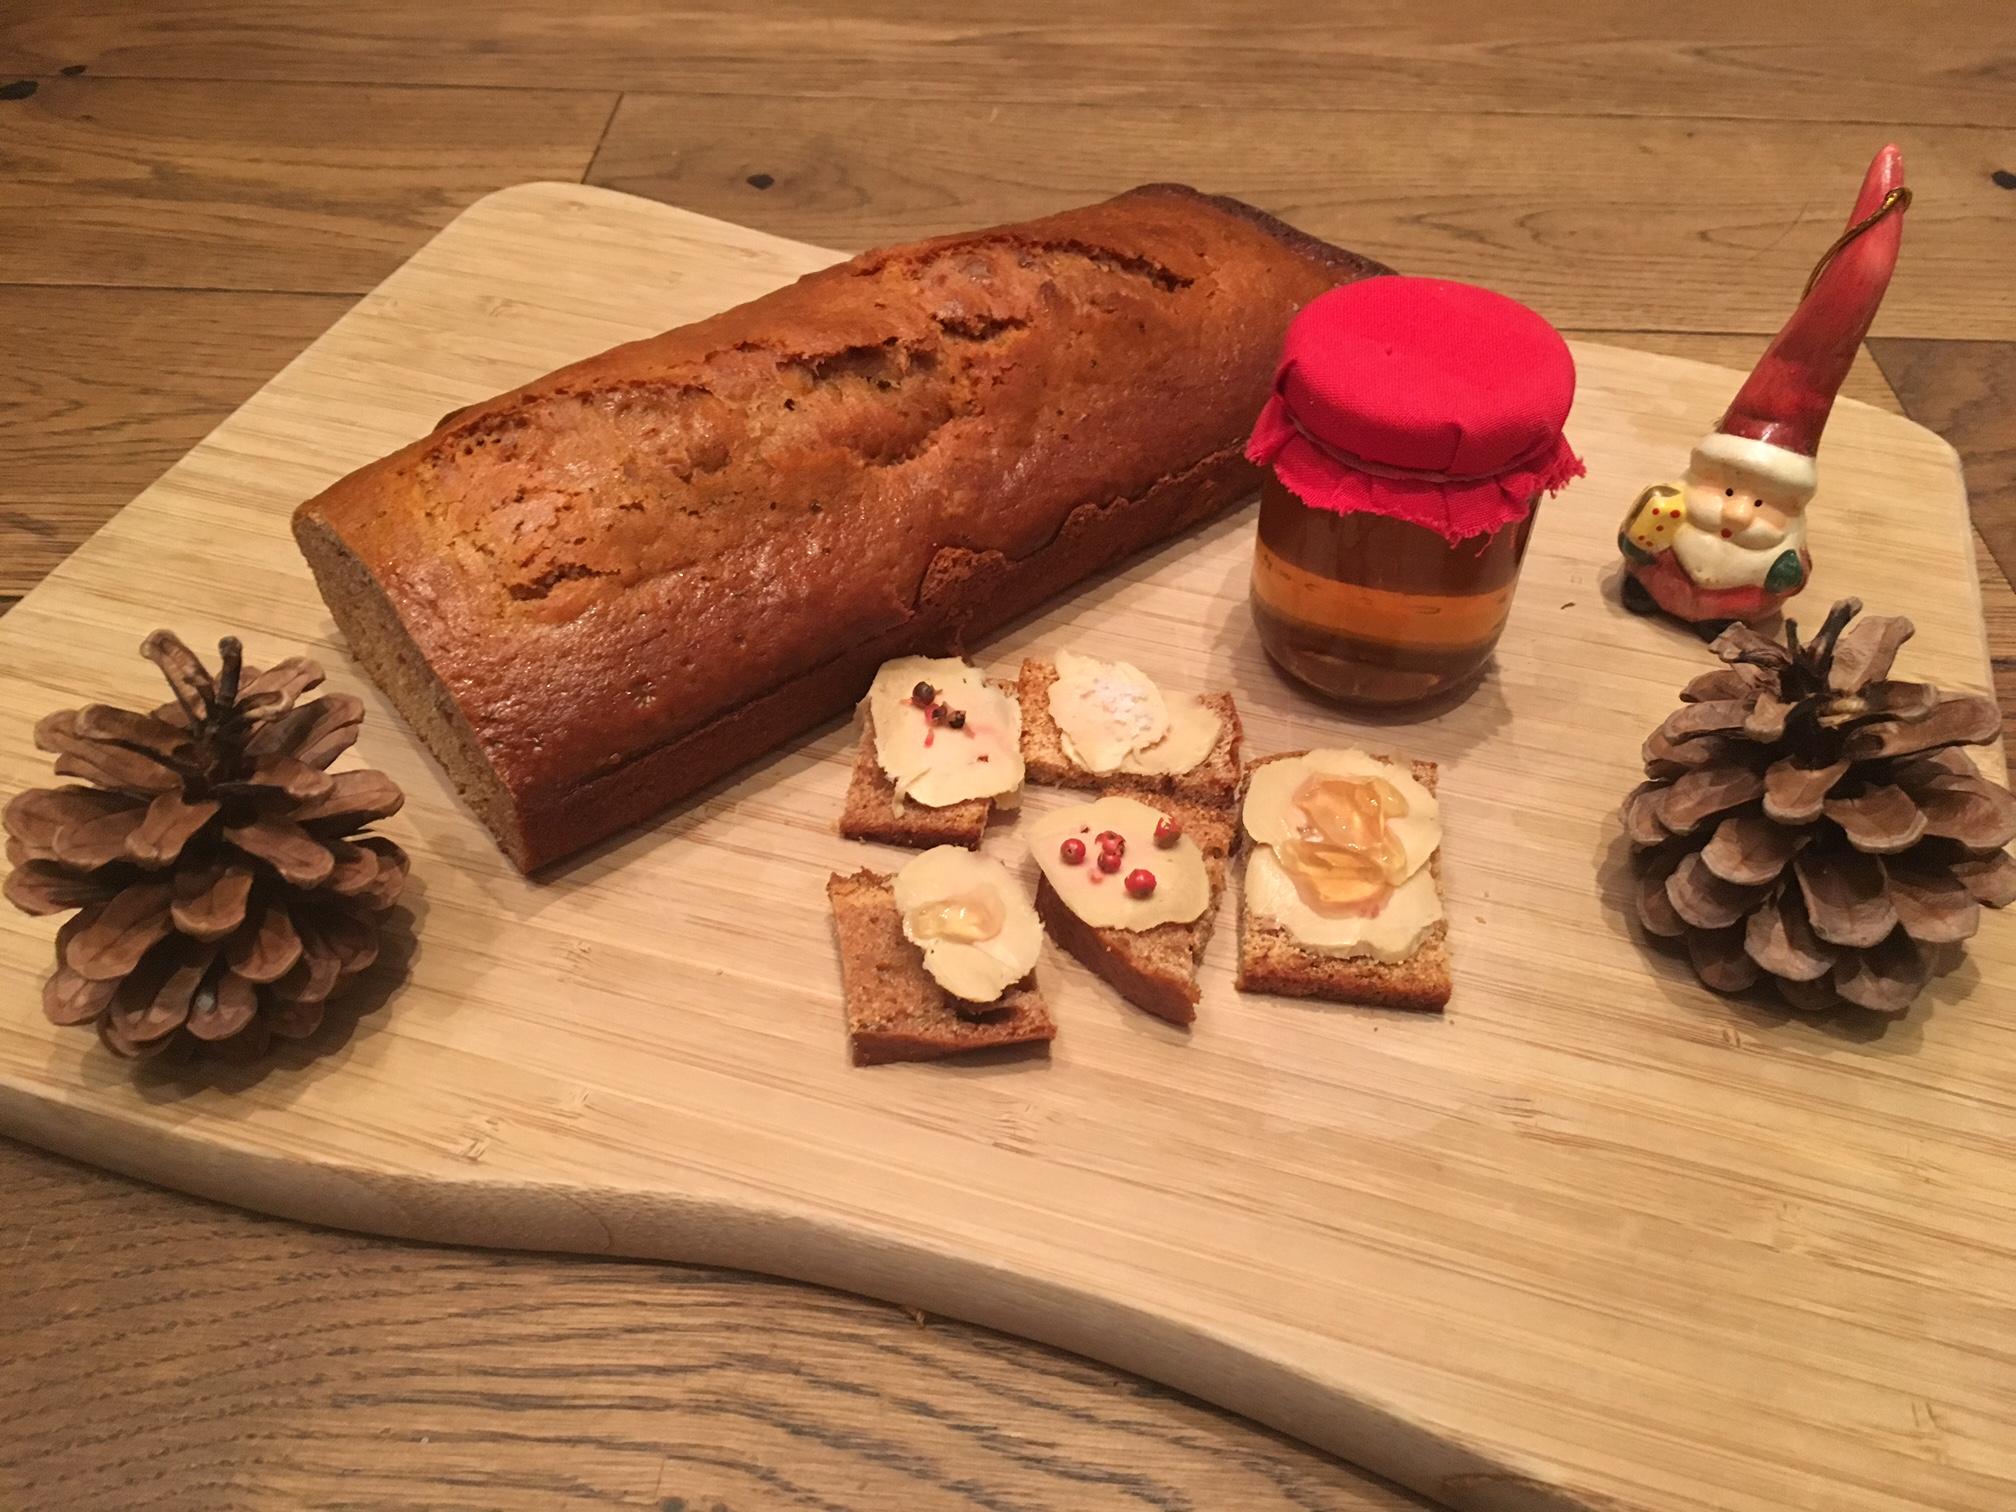 Recette de foie gras maison